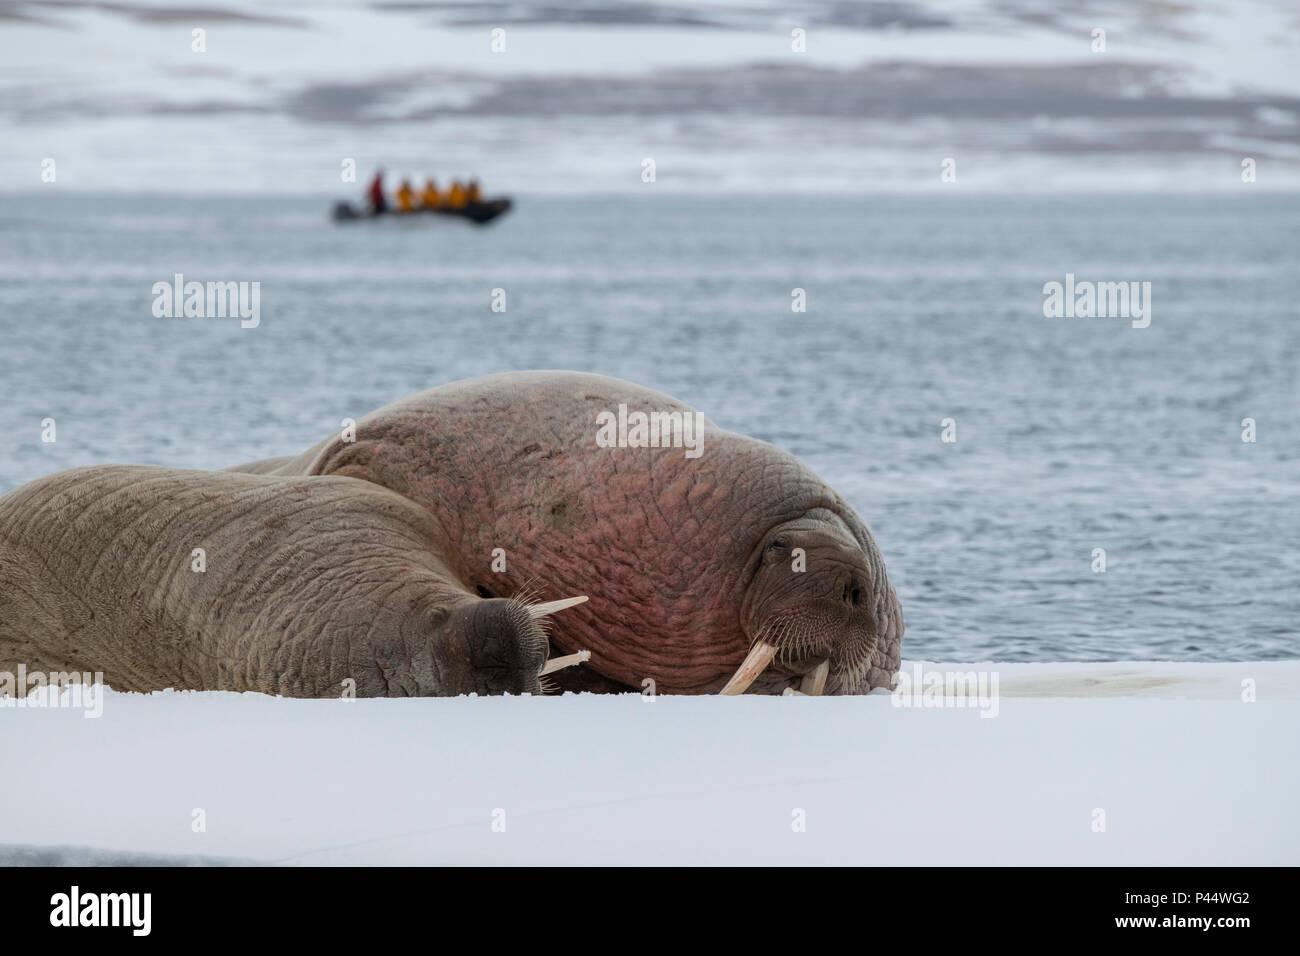 Norwegen, Spitzbergen, Nordaustlandet, Austfonna. Walross (Odobenus rosmarus) auf Eis. Adventure travel Sternzeichen in der Ferne. Stockbild